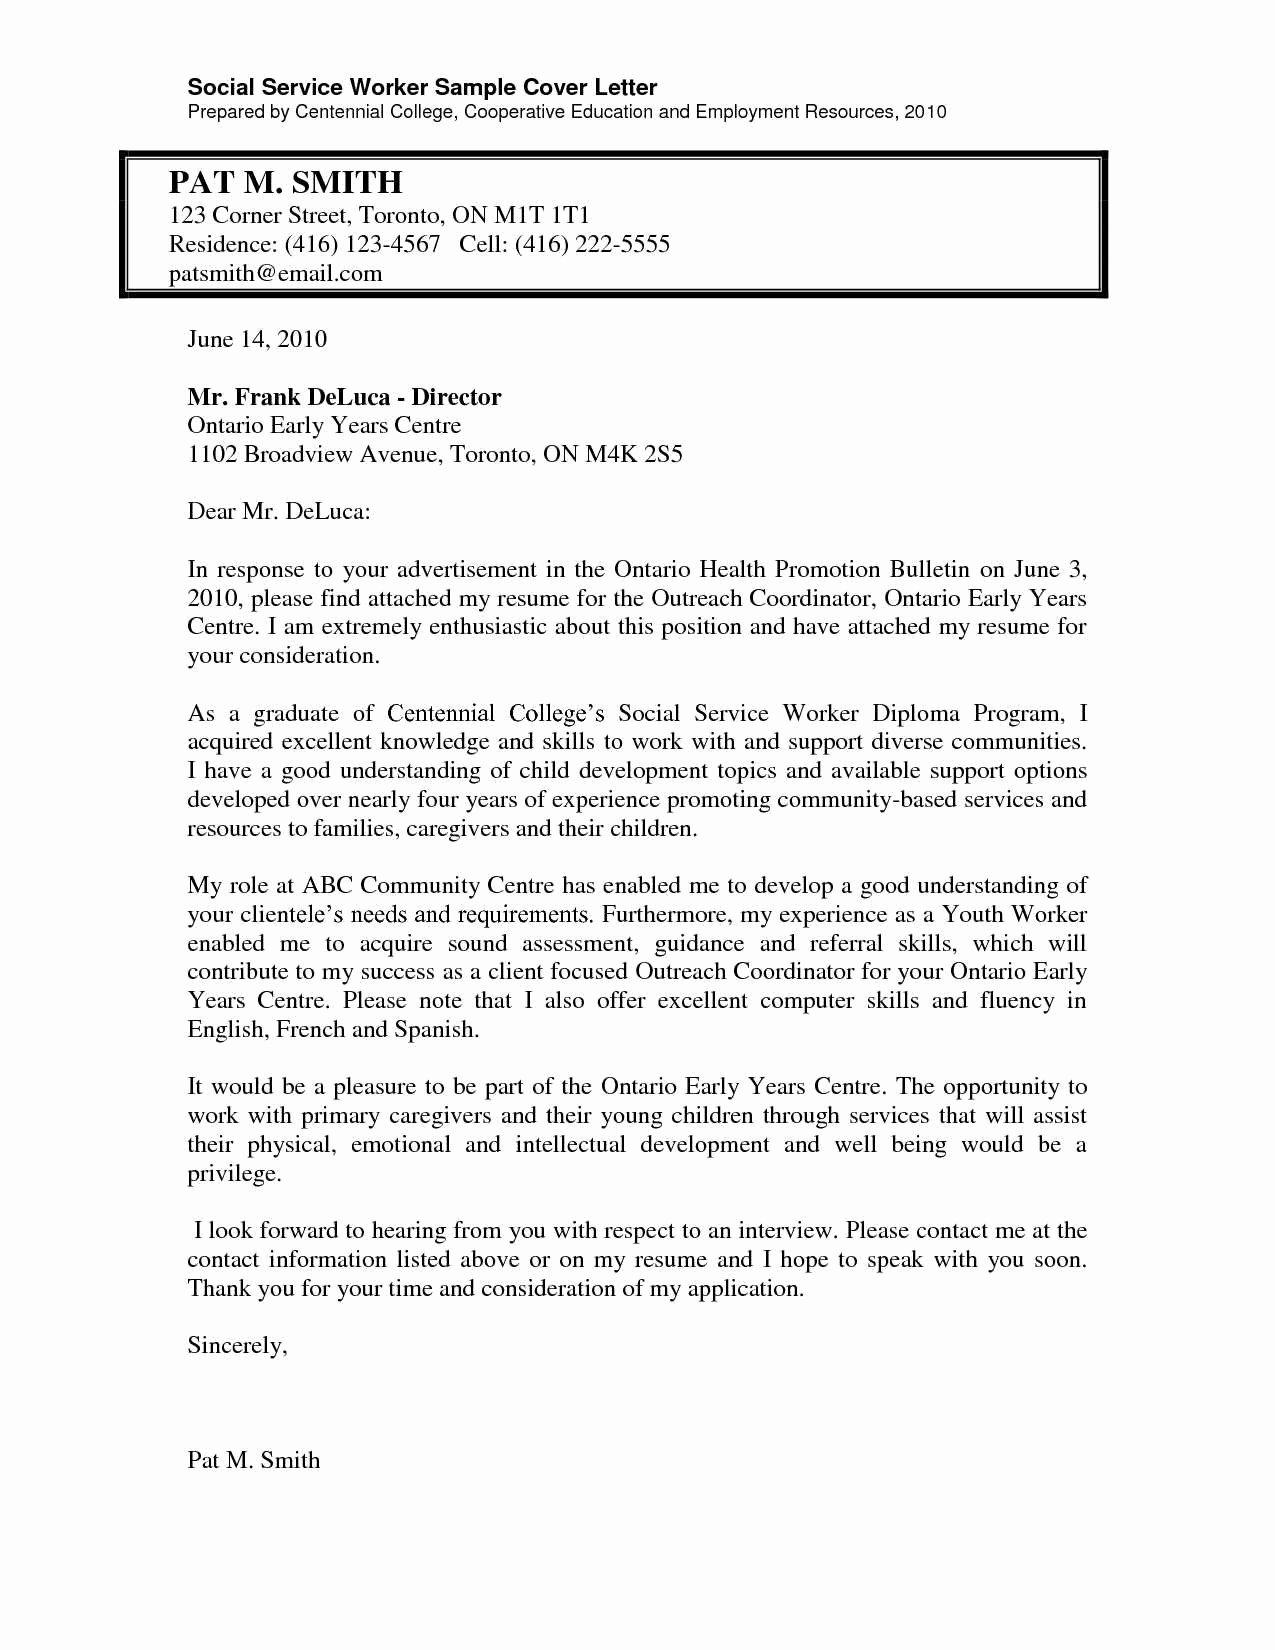 Prepossessing Resume Cover Letters for social Work